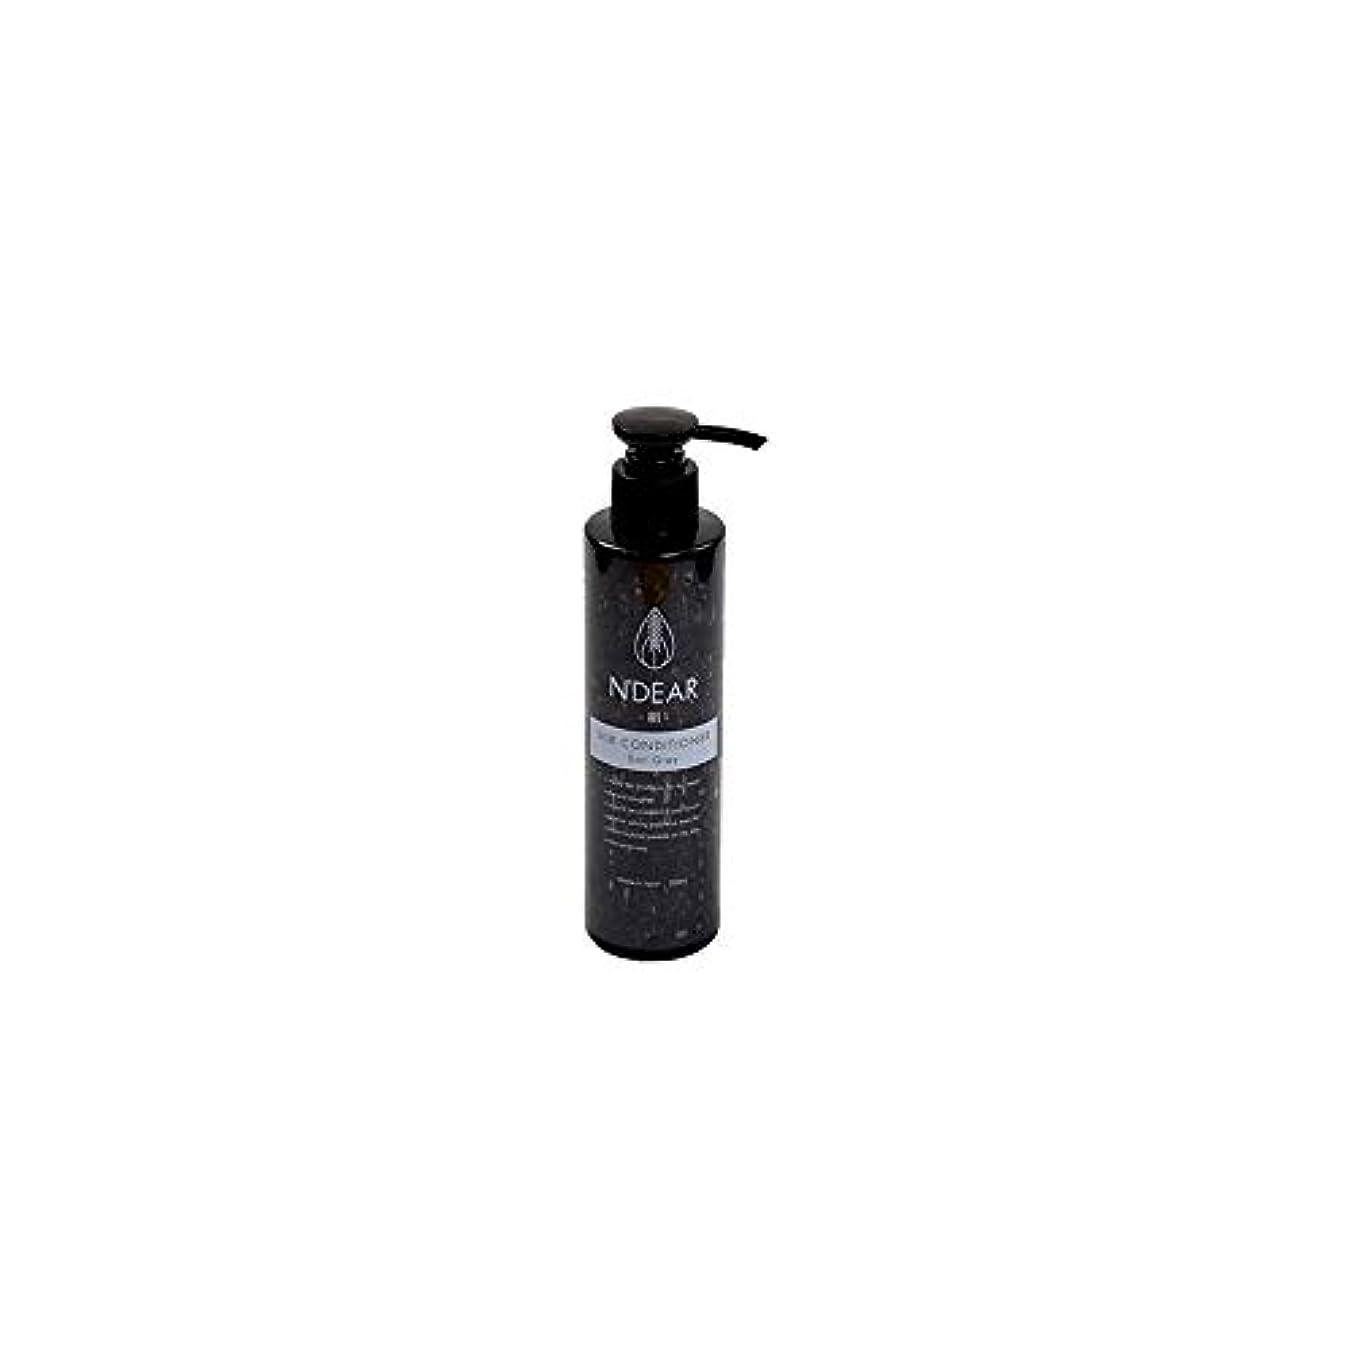 支援支配するコンプライアンスN'DEAR 絹 コンディショナー 無添加 ノンシリコン アミノ酸系洗浄/ヒアルロン酸 セラミド シルク シアバター 配合